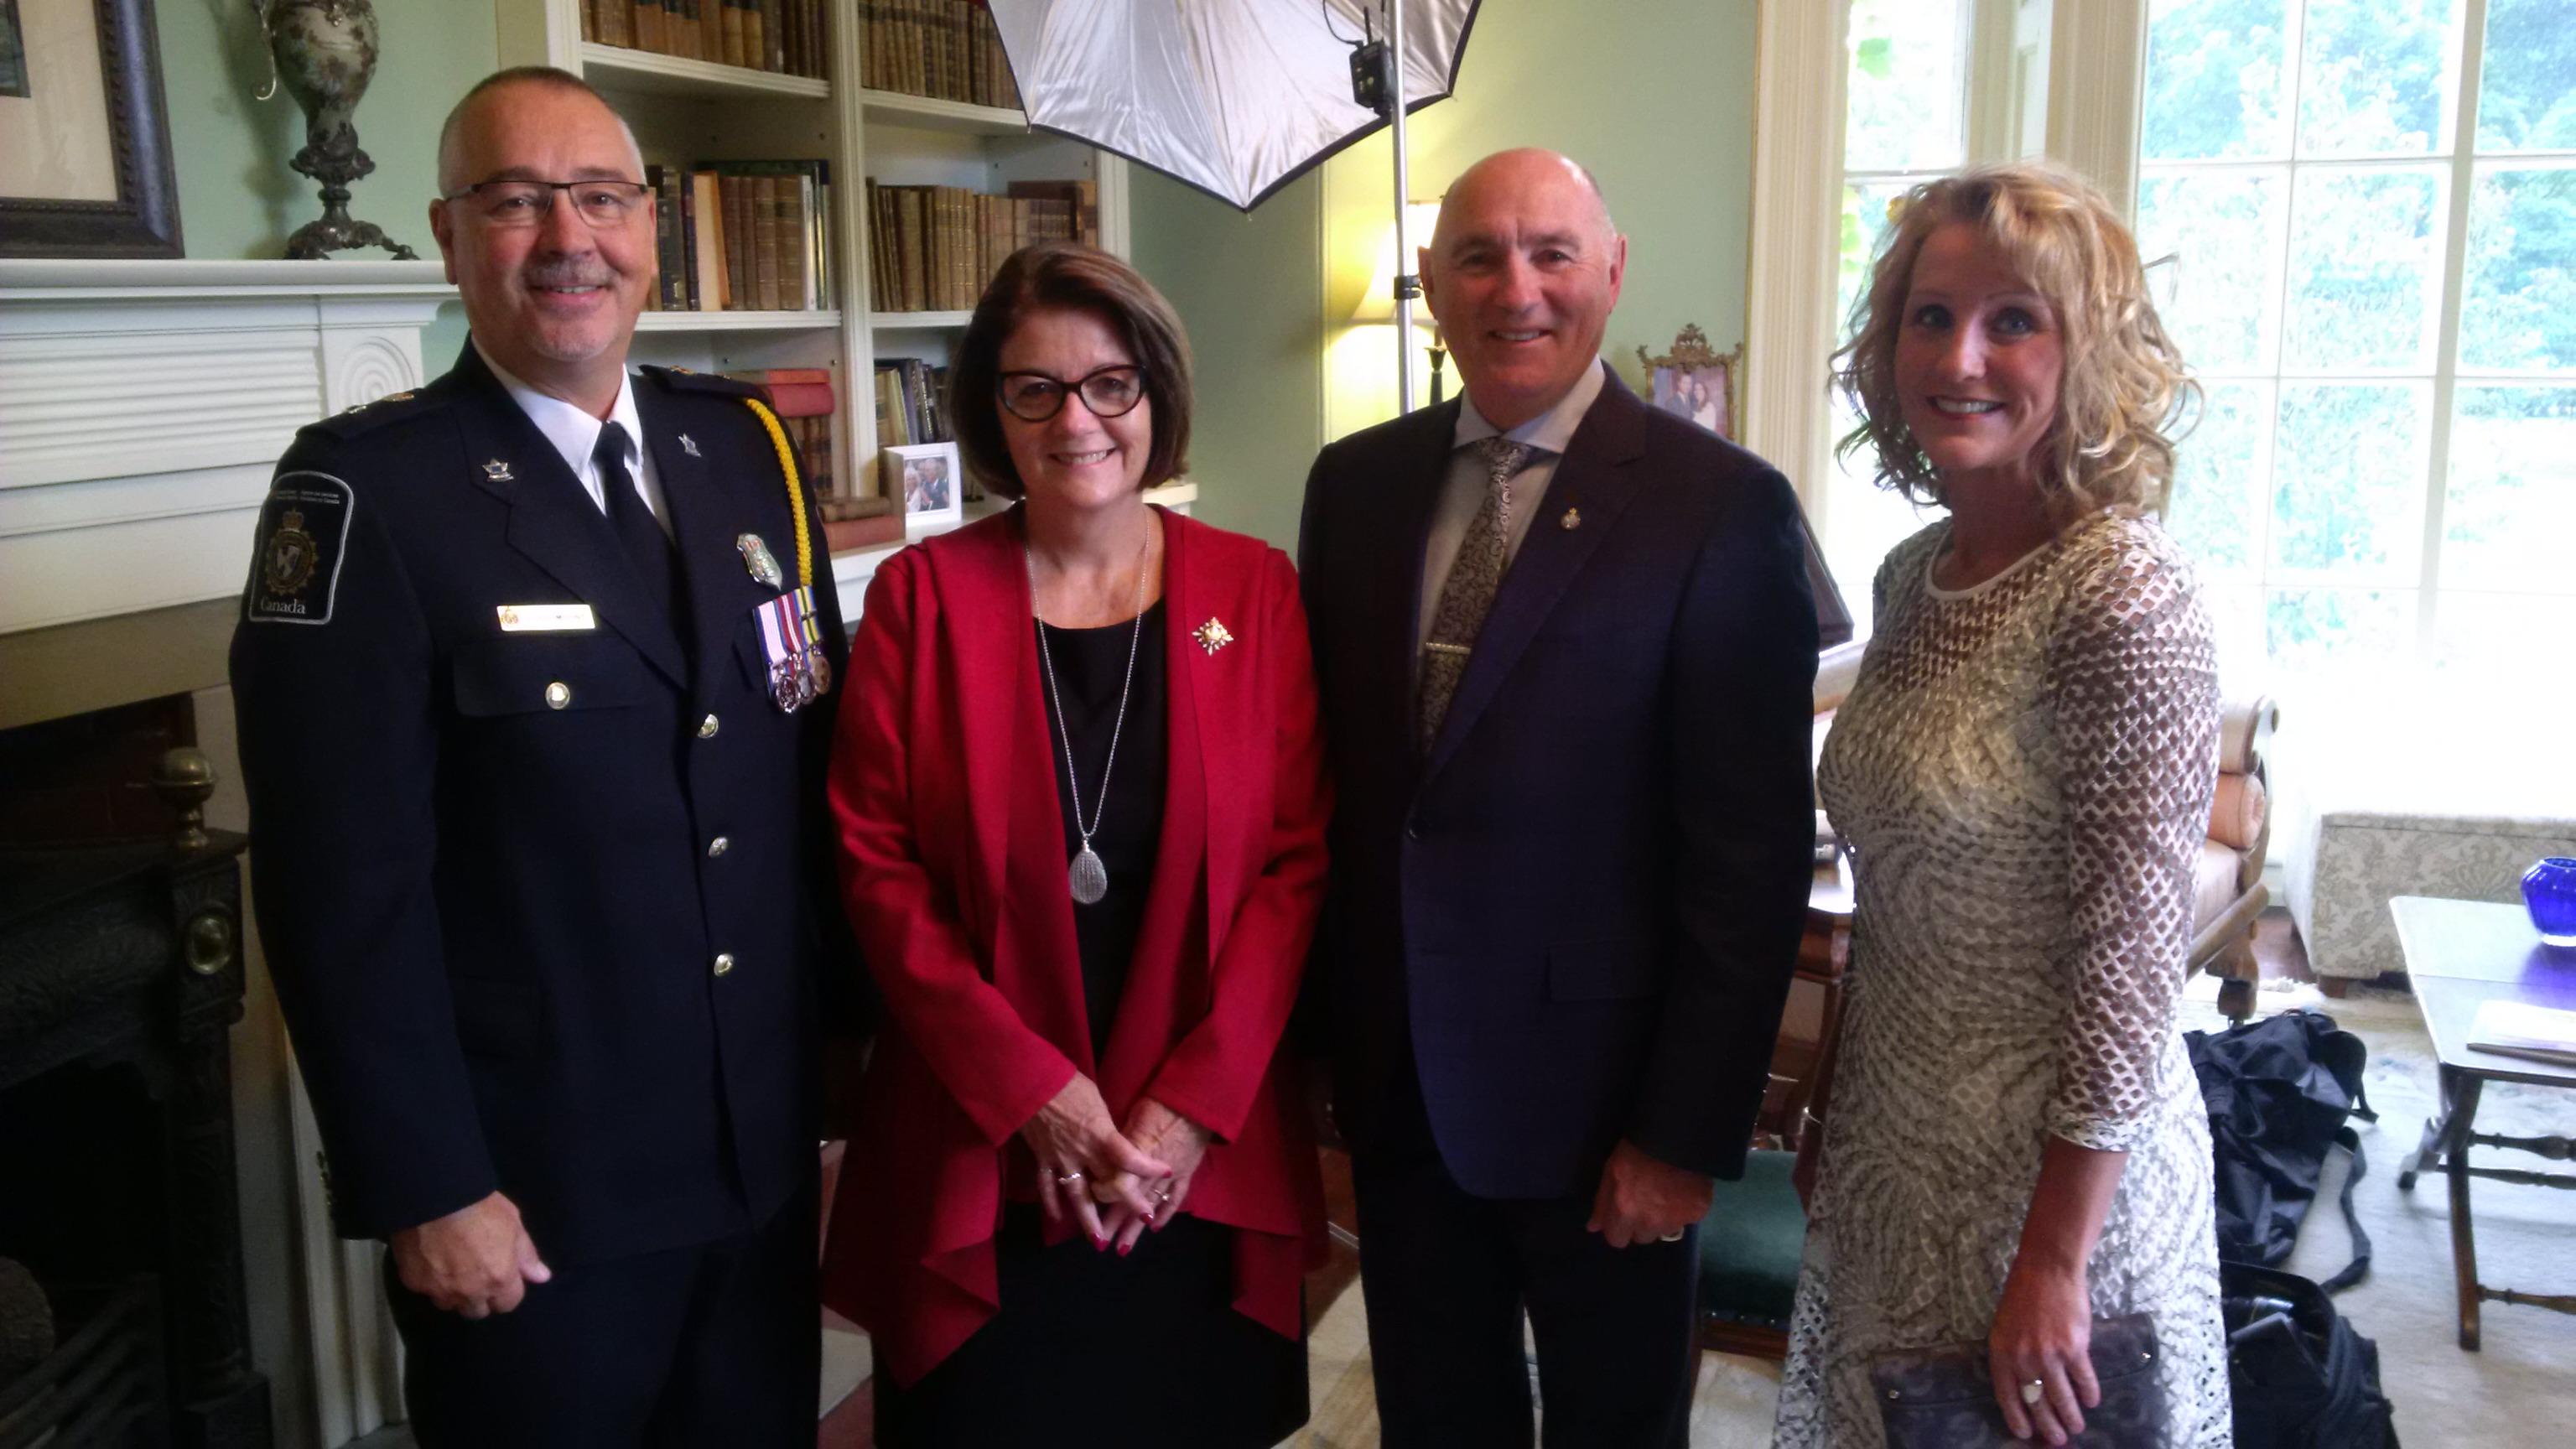 La lieutenante-gouverneure rend hommage à l